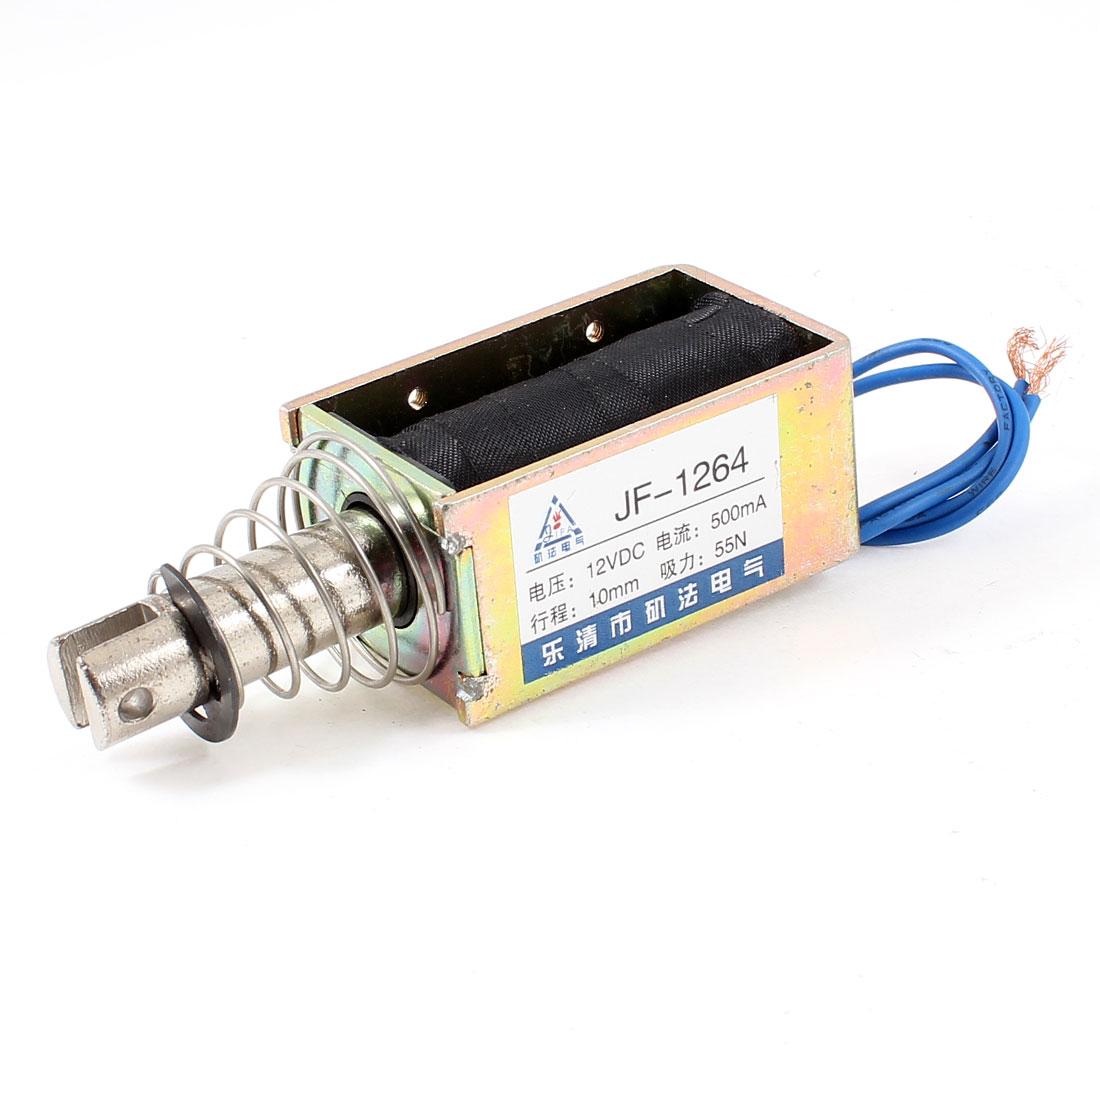 10mm Stroke 5.5Kg Force Pull Type Open Frame Solenoid Electromagnet DC 12V 0.5A